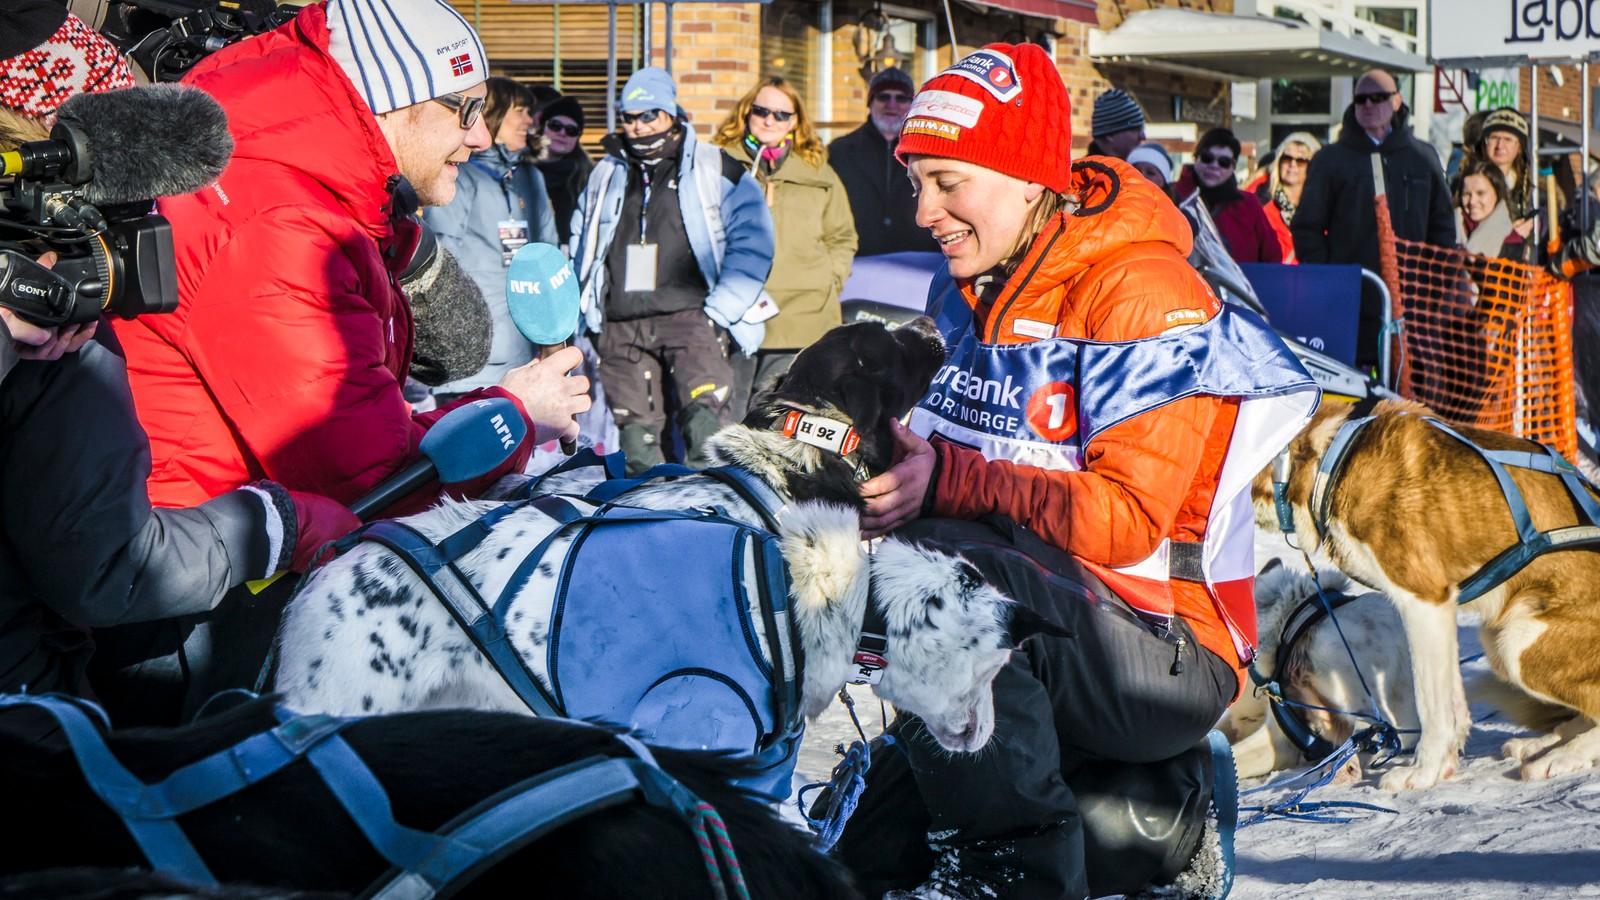 Seiersintervjuet alle vil ha. Norgesmesteren fortalte at hun sang, danset og fortalte vitser til hundene for å holde humøret oppe fram til mål.